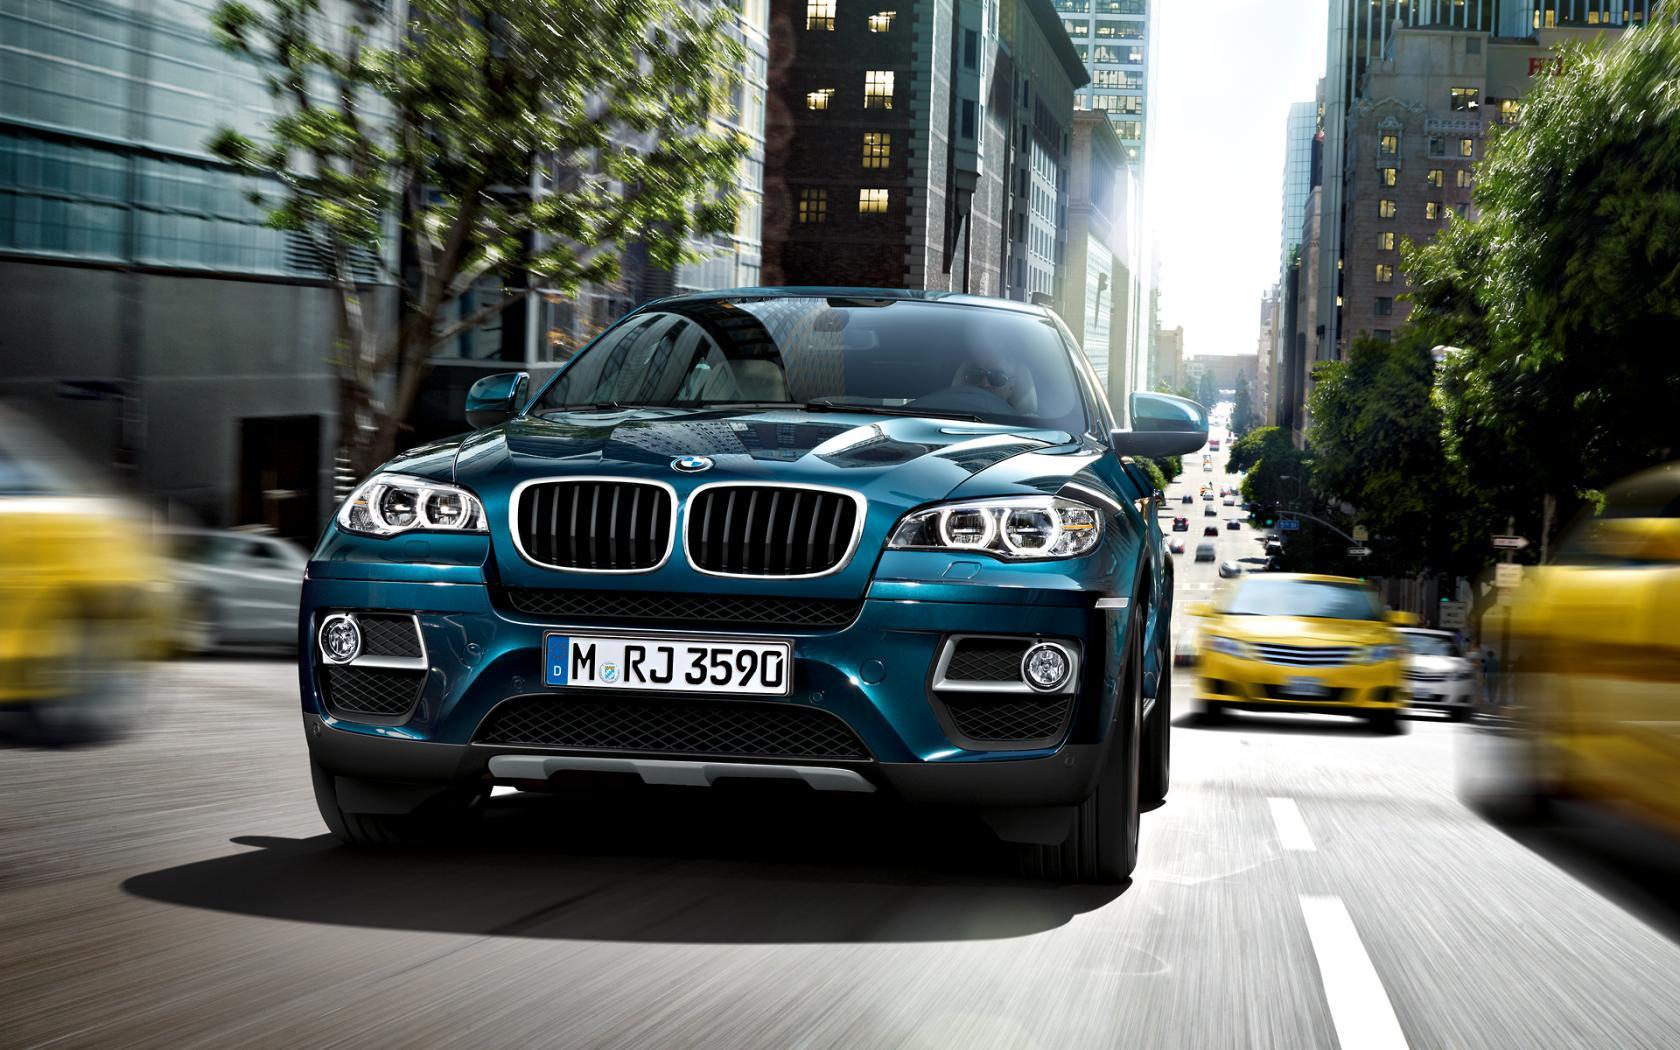 BMW-X6-E71-Phase-2.jpeg